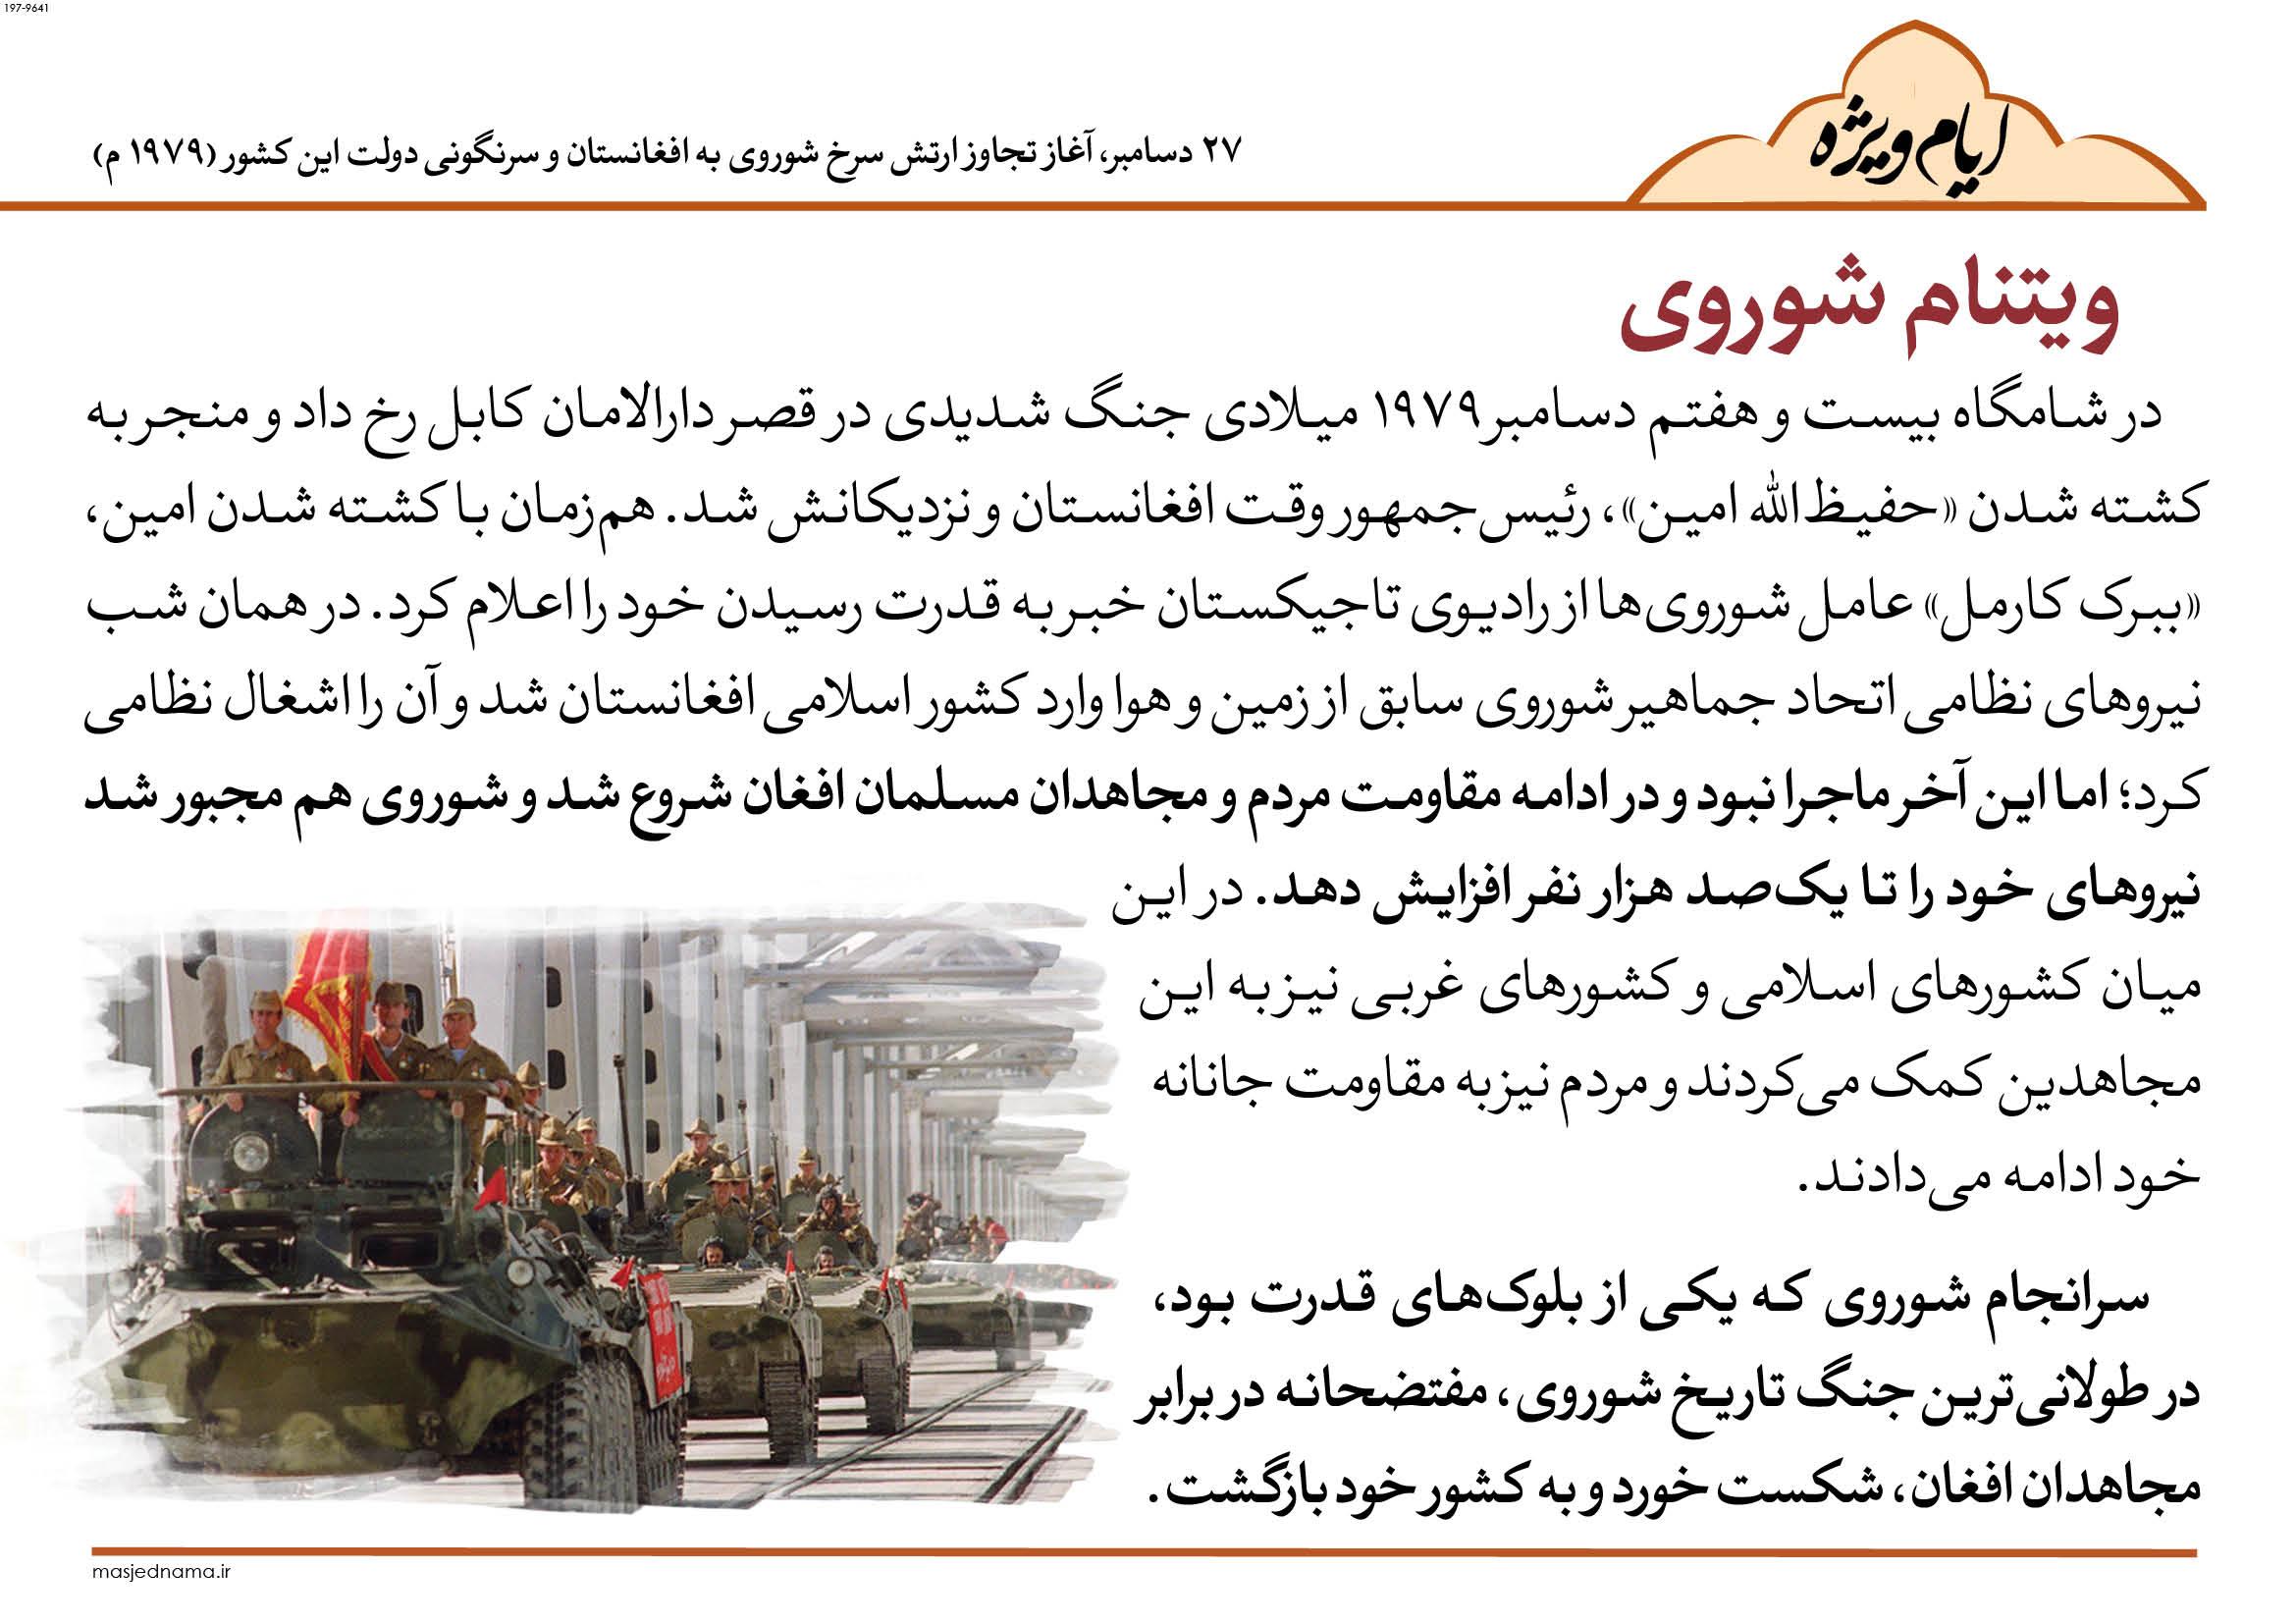 حمله ارتش شوروی به افغانستان